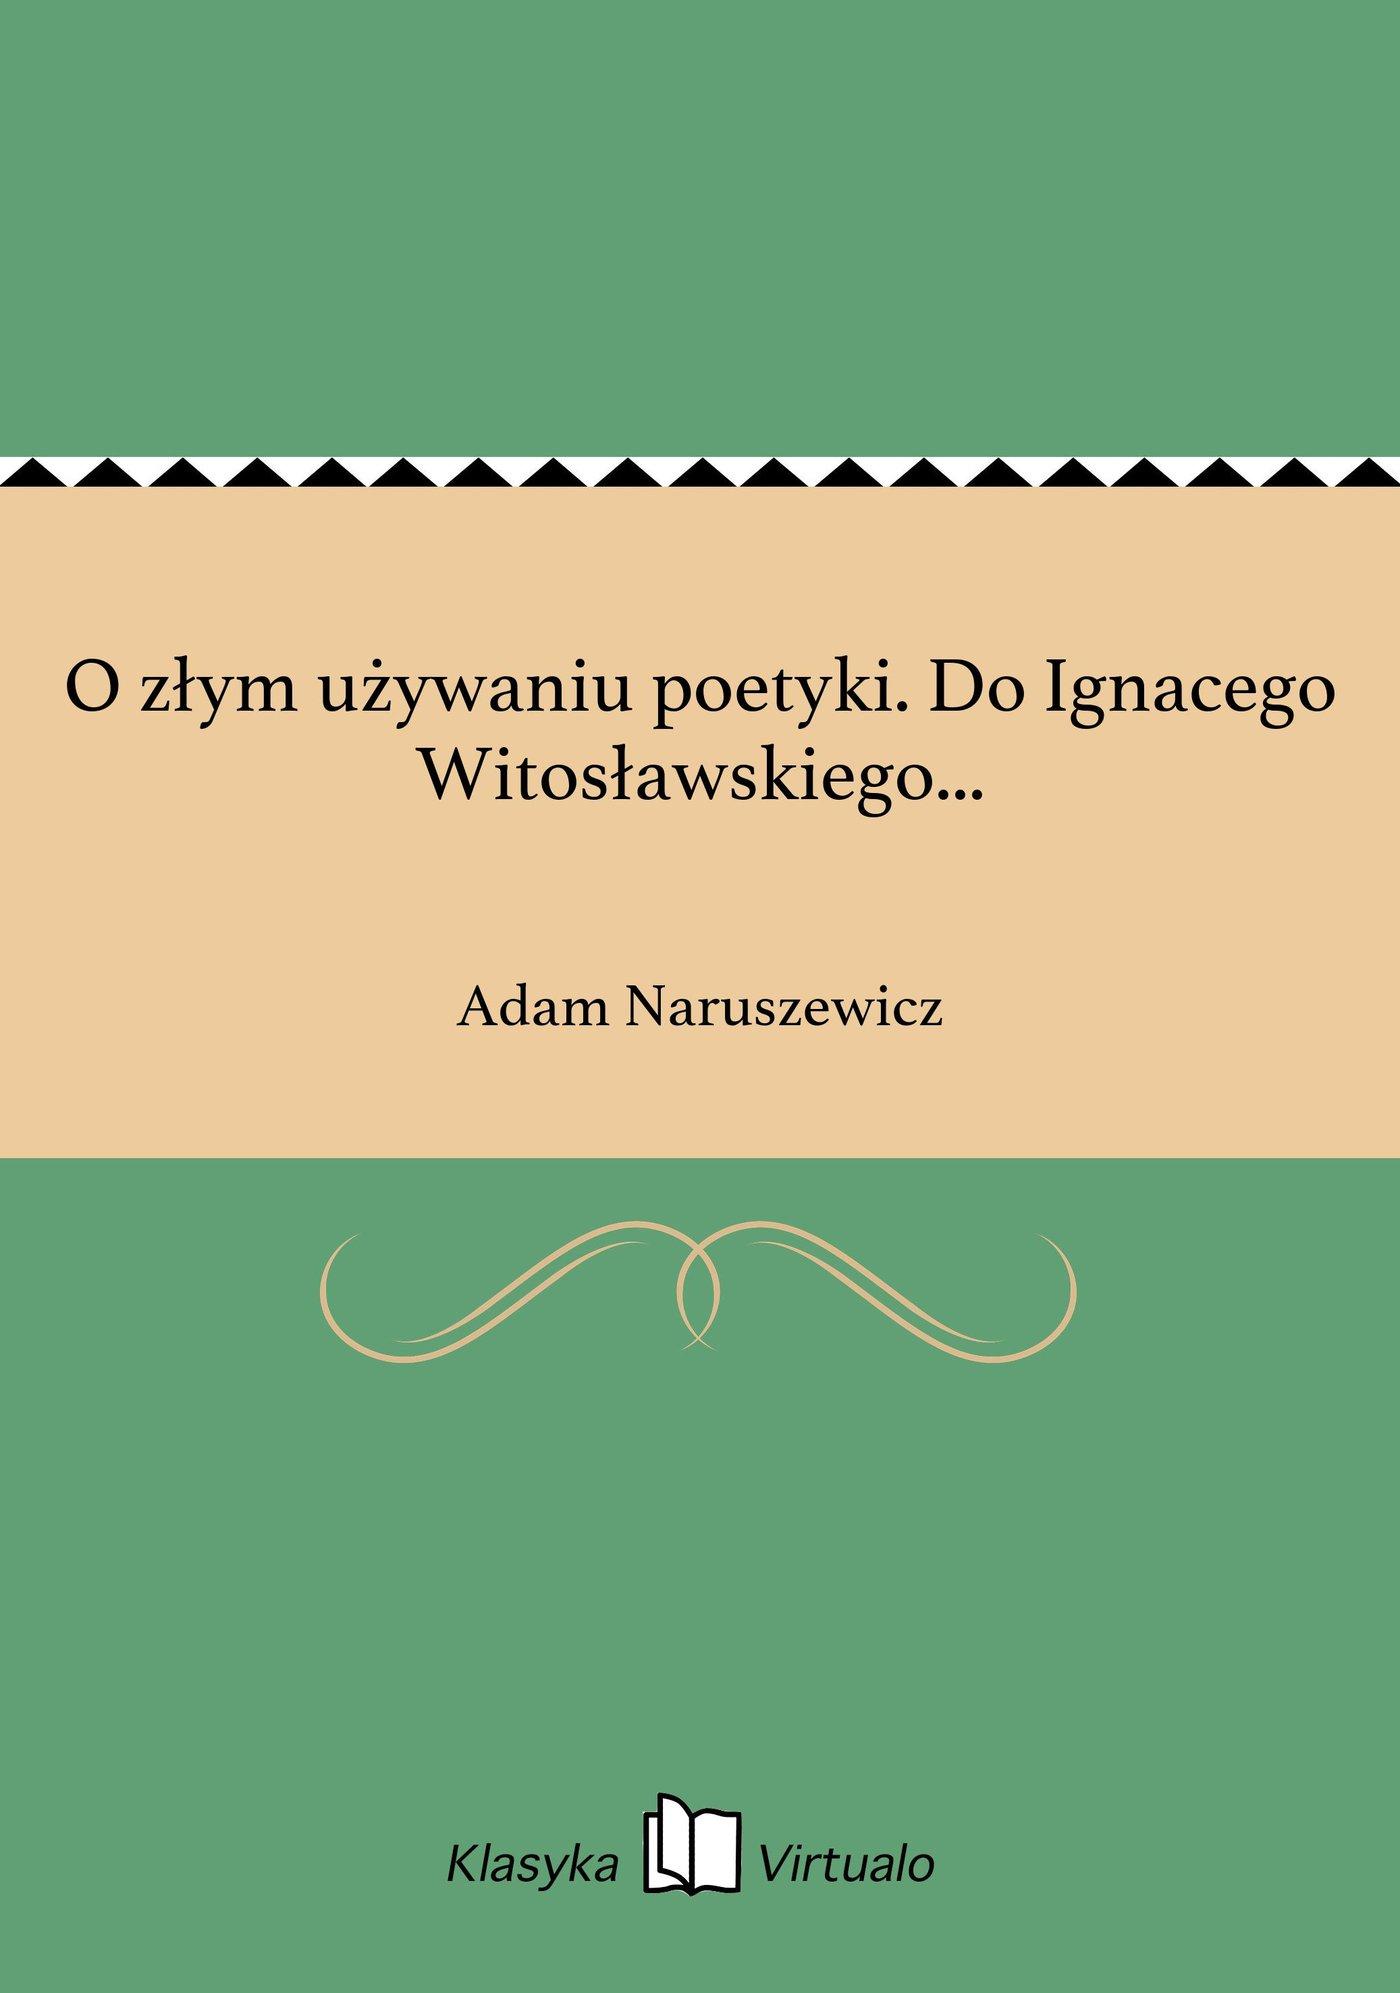 O złym używaniu poetyki. Do Ignacego Witosławskiego... - Ebook (Książka na Kindle) do pobrania w formacie MOBI